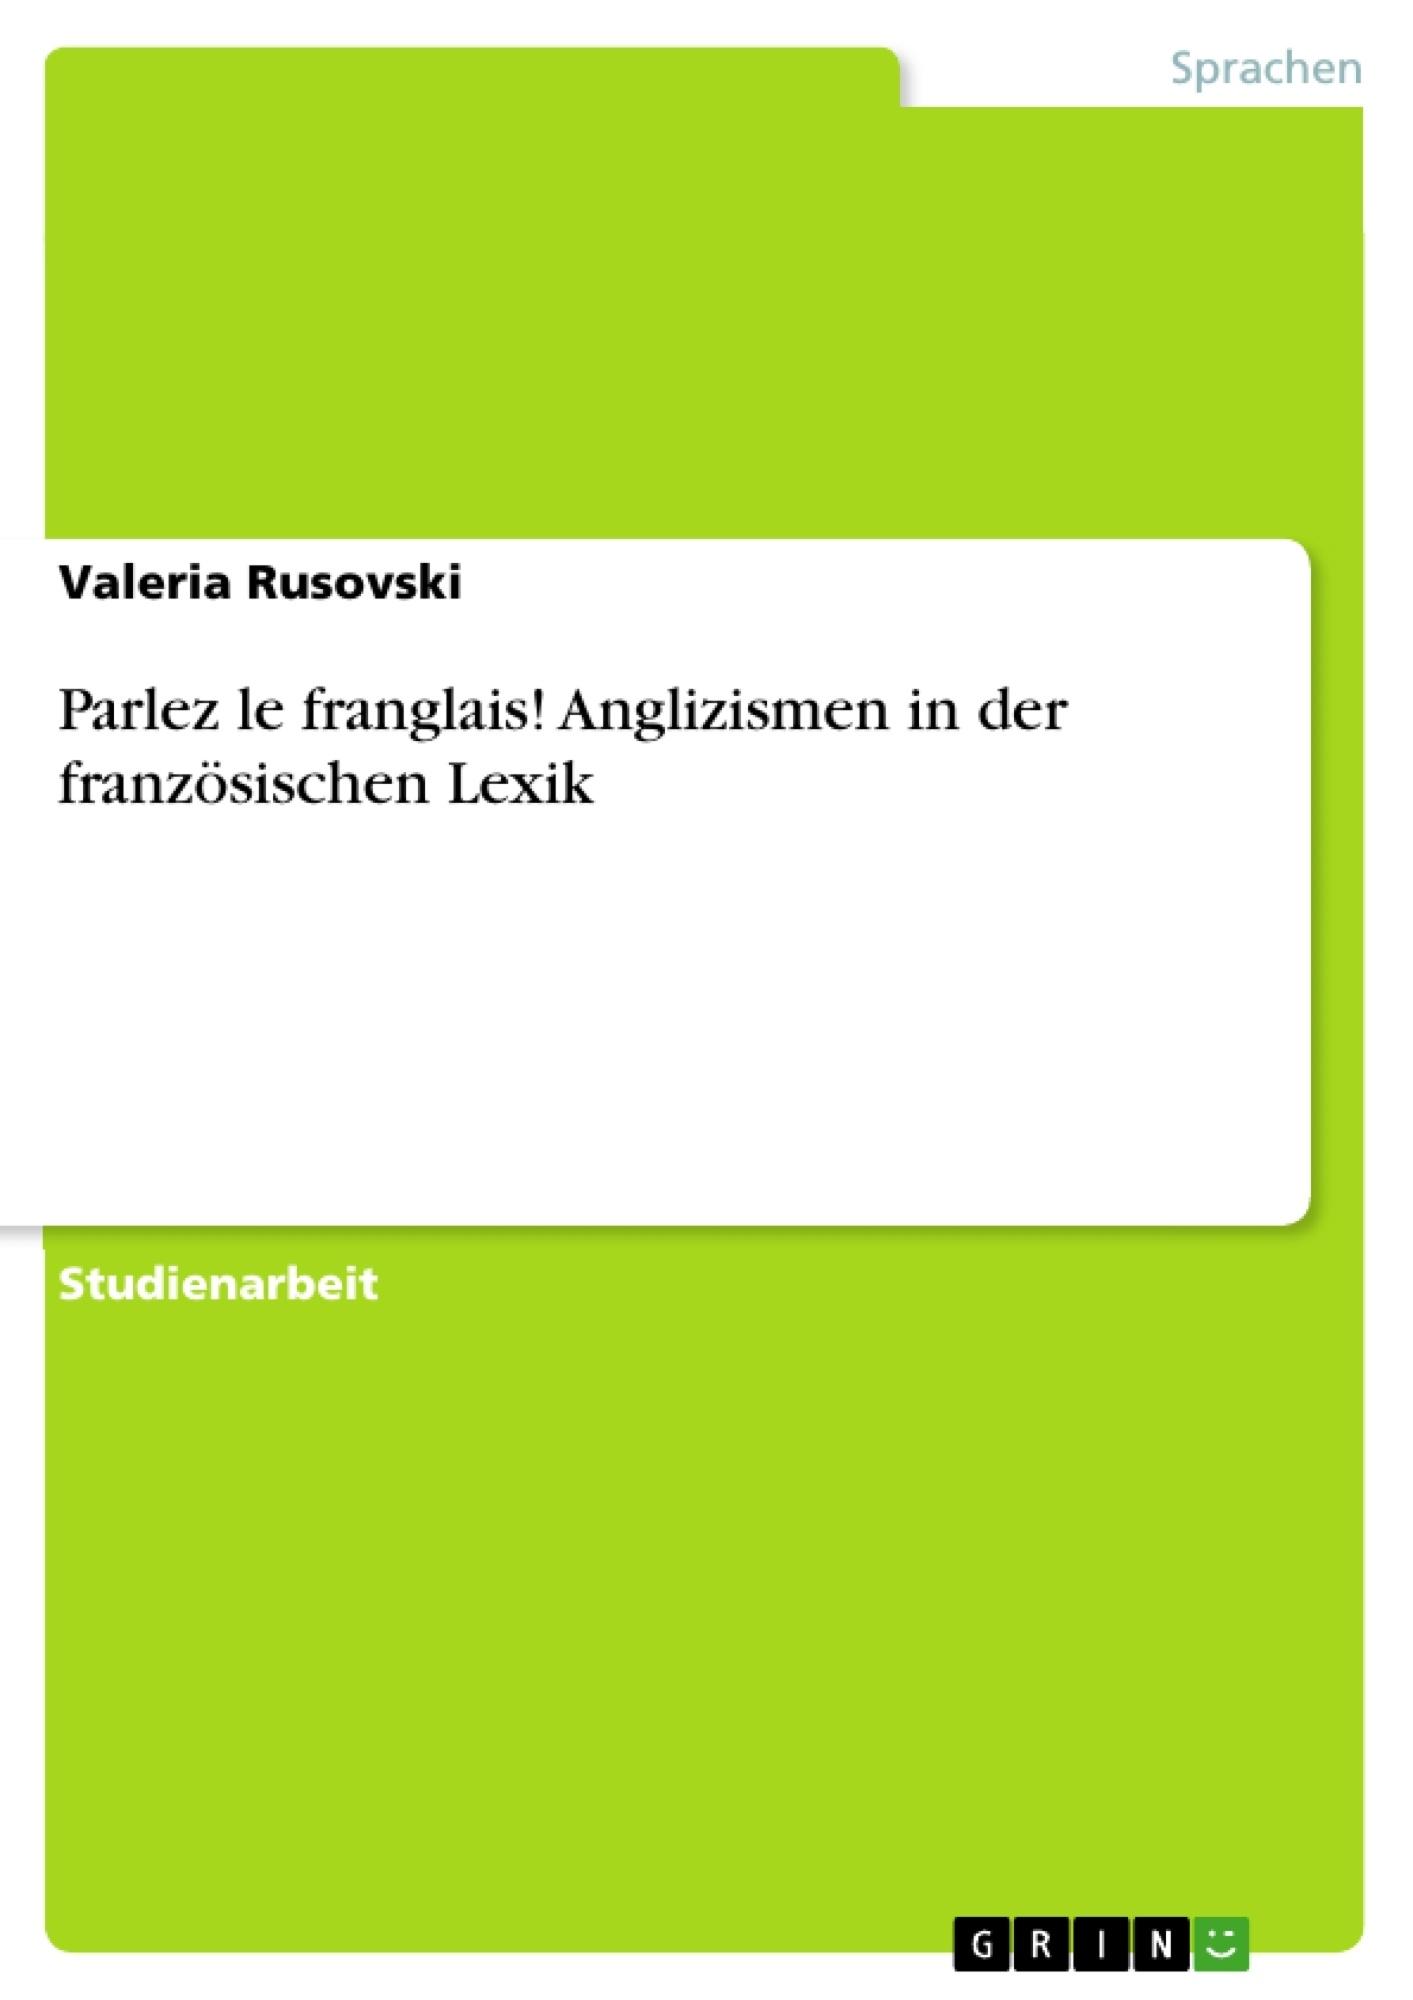 Titel: Parlez le franglais! Anglizismen in der französischen Lexik